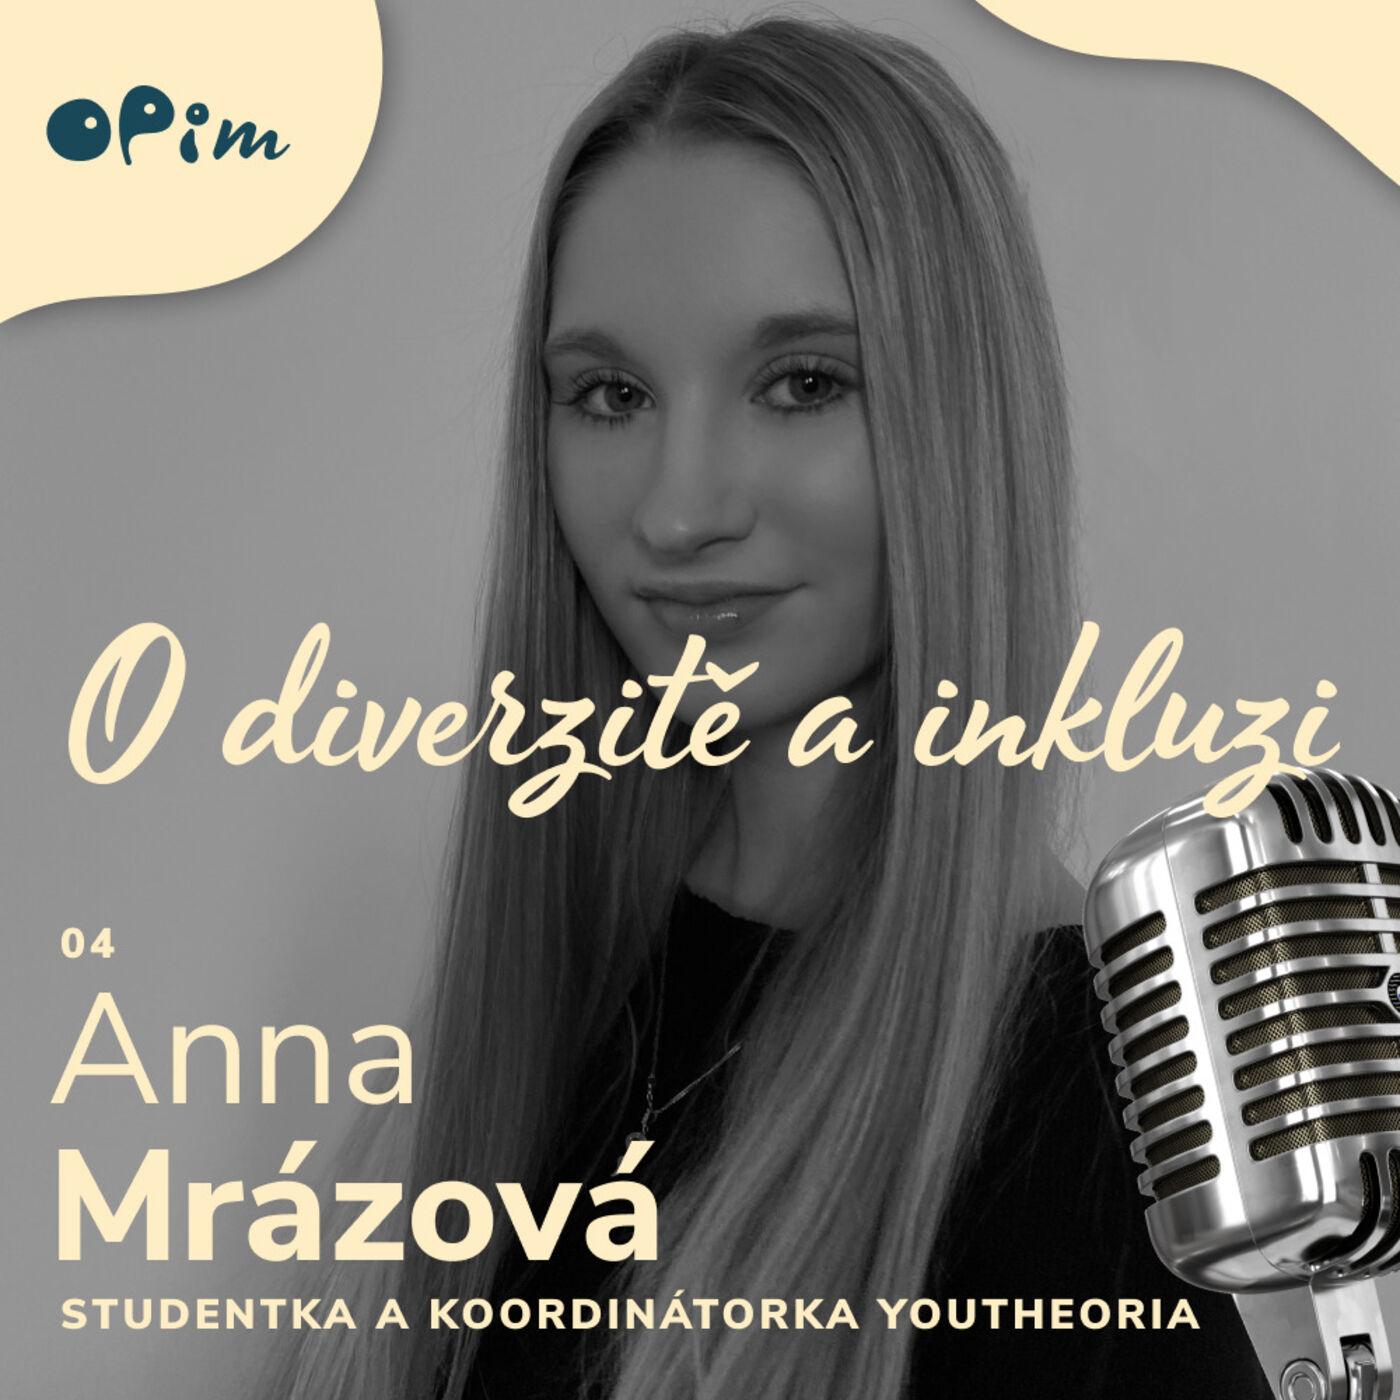 04: Anna Mrázová: mladá generace mezi sebou i s učiteli debatuje o lidských právech a rovnoprávnosti, o zkušenostech ze zahraničí a iniciativě na podporu vzájemného dialogu.